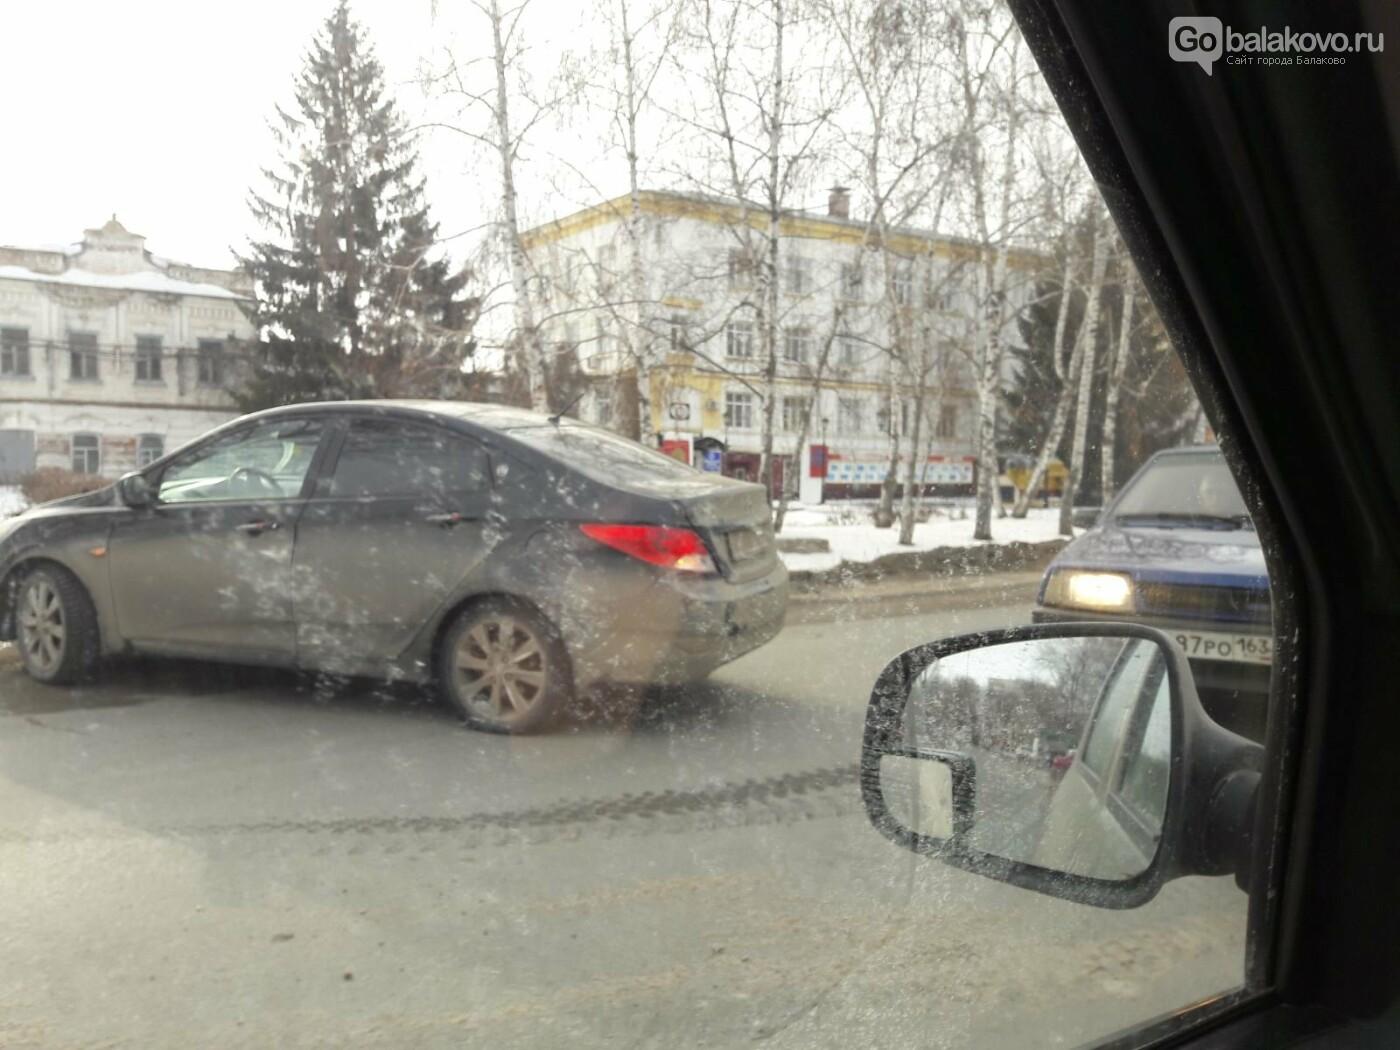 УАЗ и Hyundai столкнулись на ул.Коммунистической в Балаково, фото-1